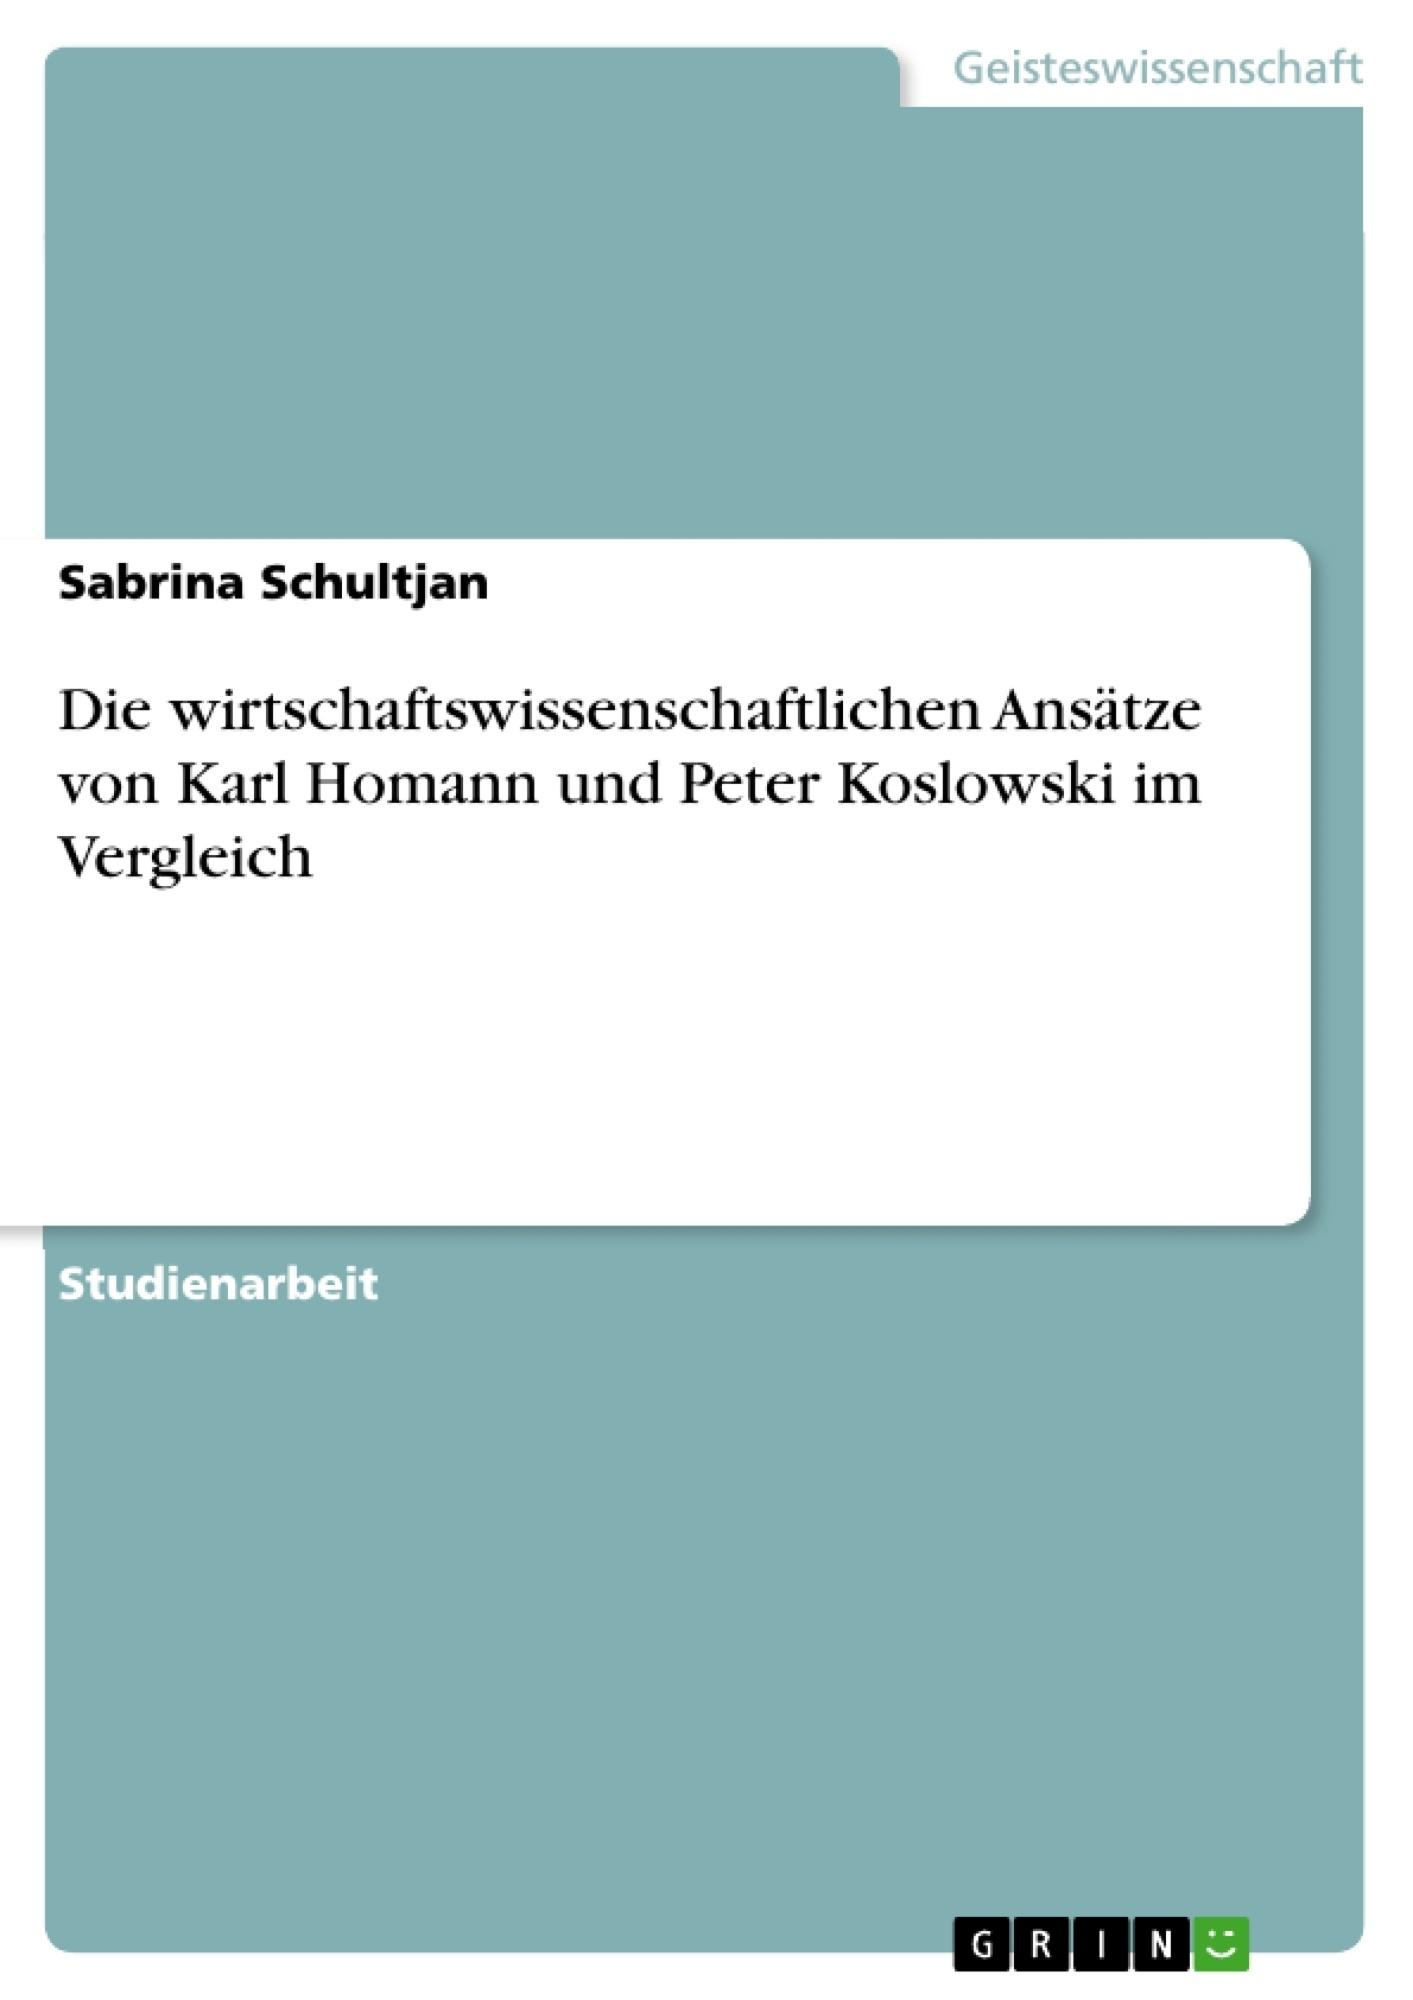 Titel: Die wirtschaftswissenschaftlichen Ansätze von Karl Homann und Peter Koslowski im Vergleich